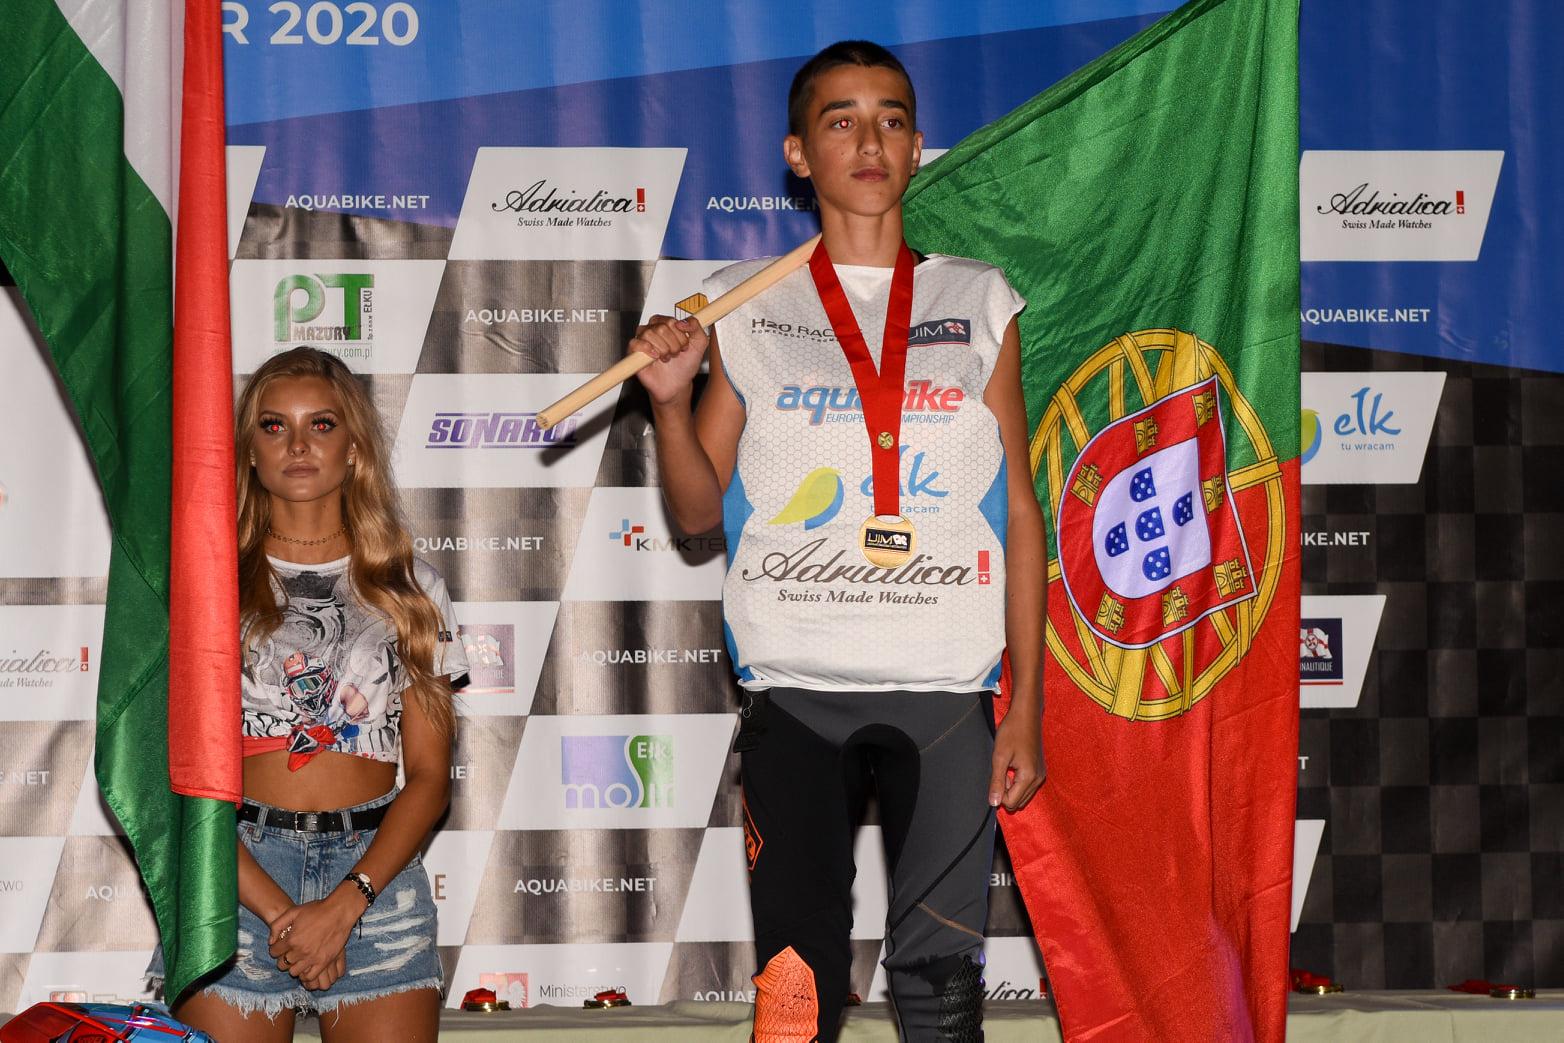 Vianense Diogo Barbosa conquistou medalha de bronze no Europeu Aquabike 2020